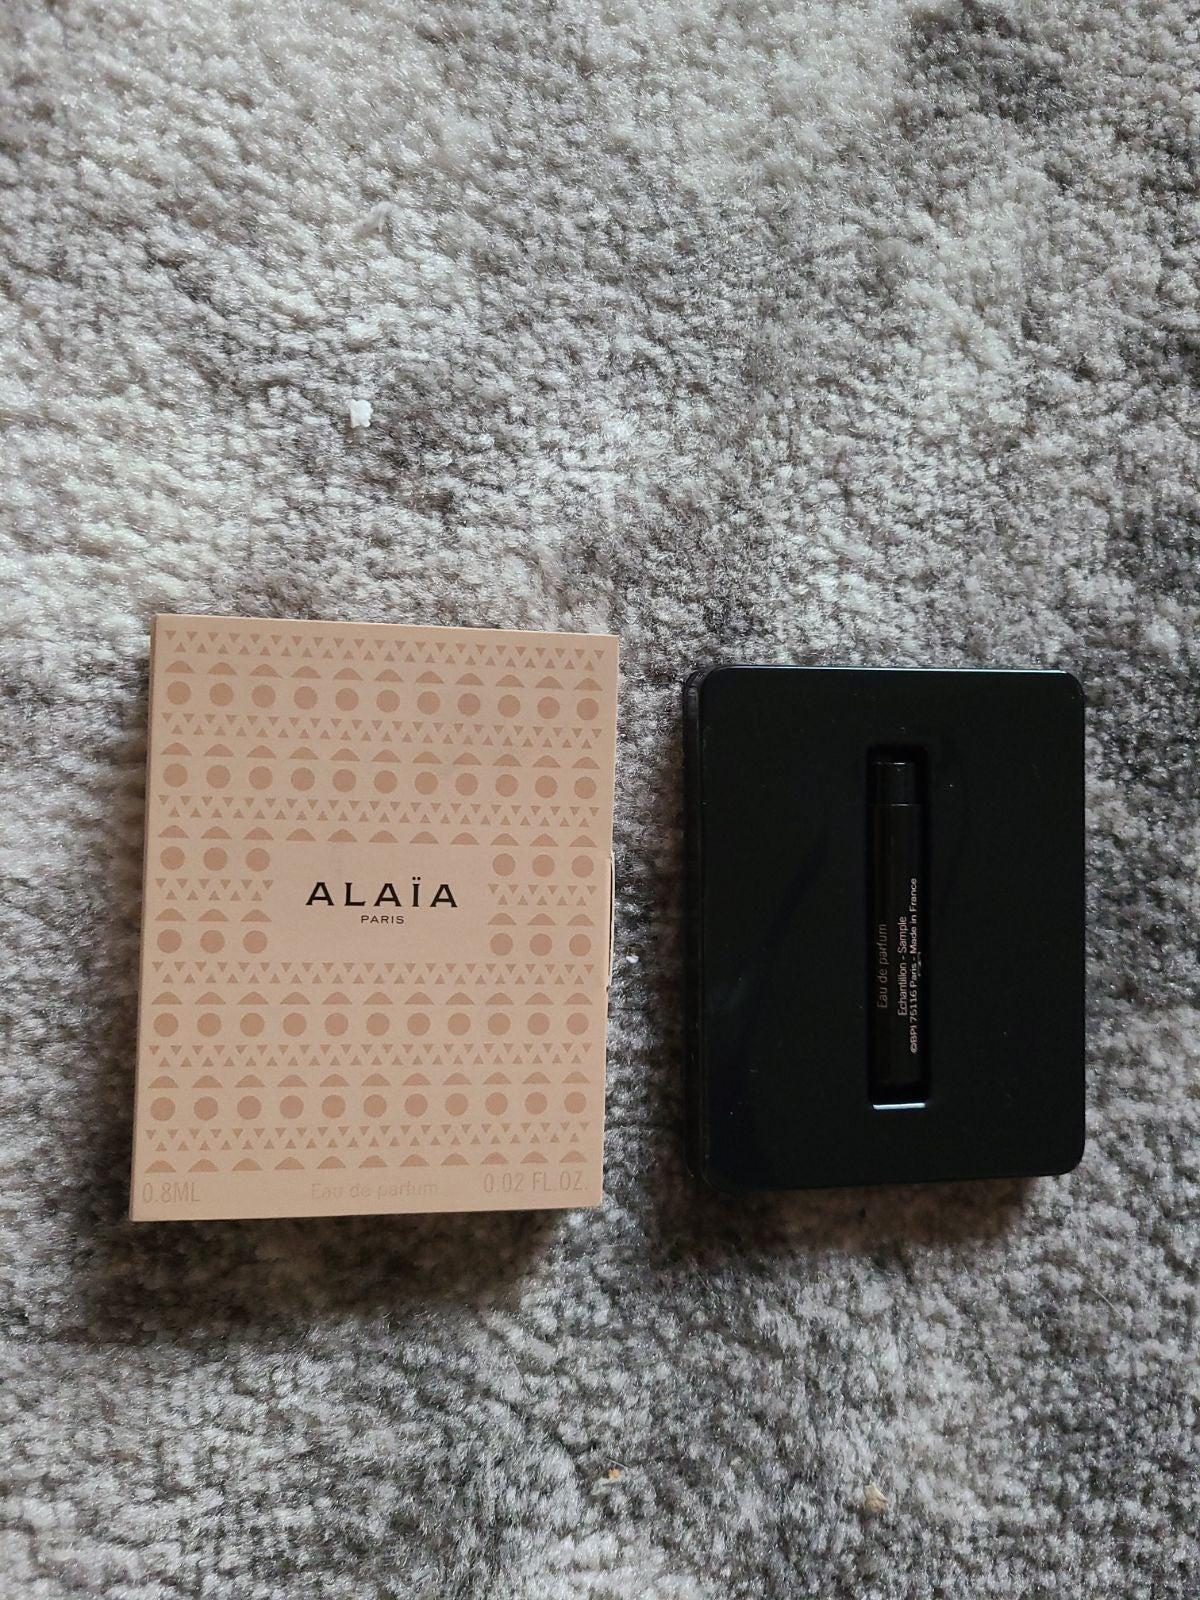 New ALAIA Eau de Parfum 0.8 ml / 0.02 oz